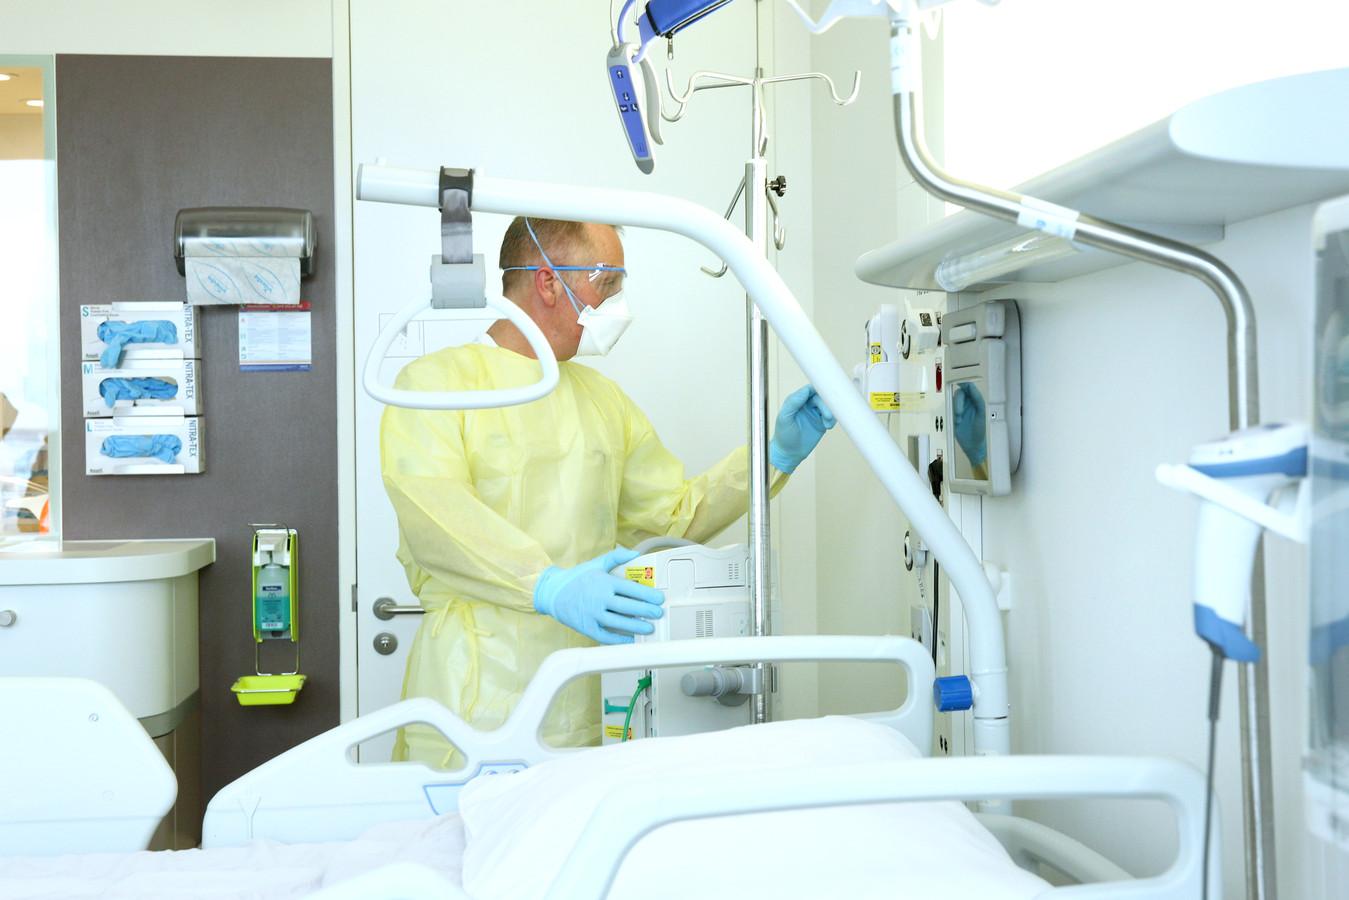 Artsen dragen beschermende overkleding, rubberen handschoenen, een mondkapje en een bril als ze een patiënt in de isolatiekamer behandelen.